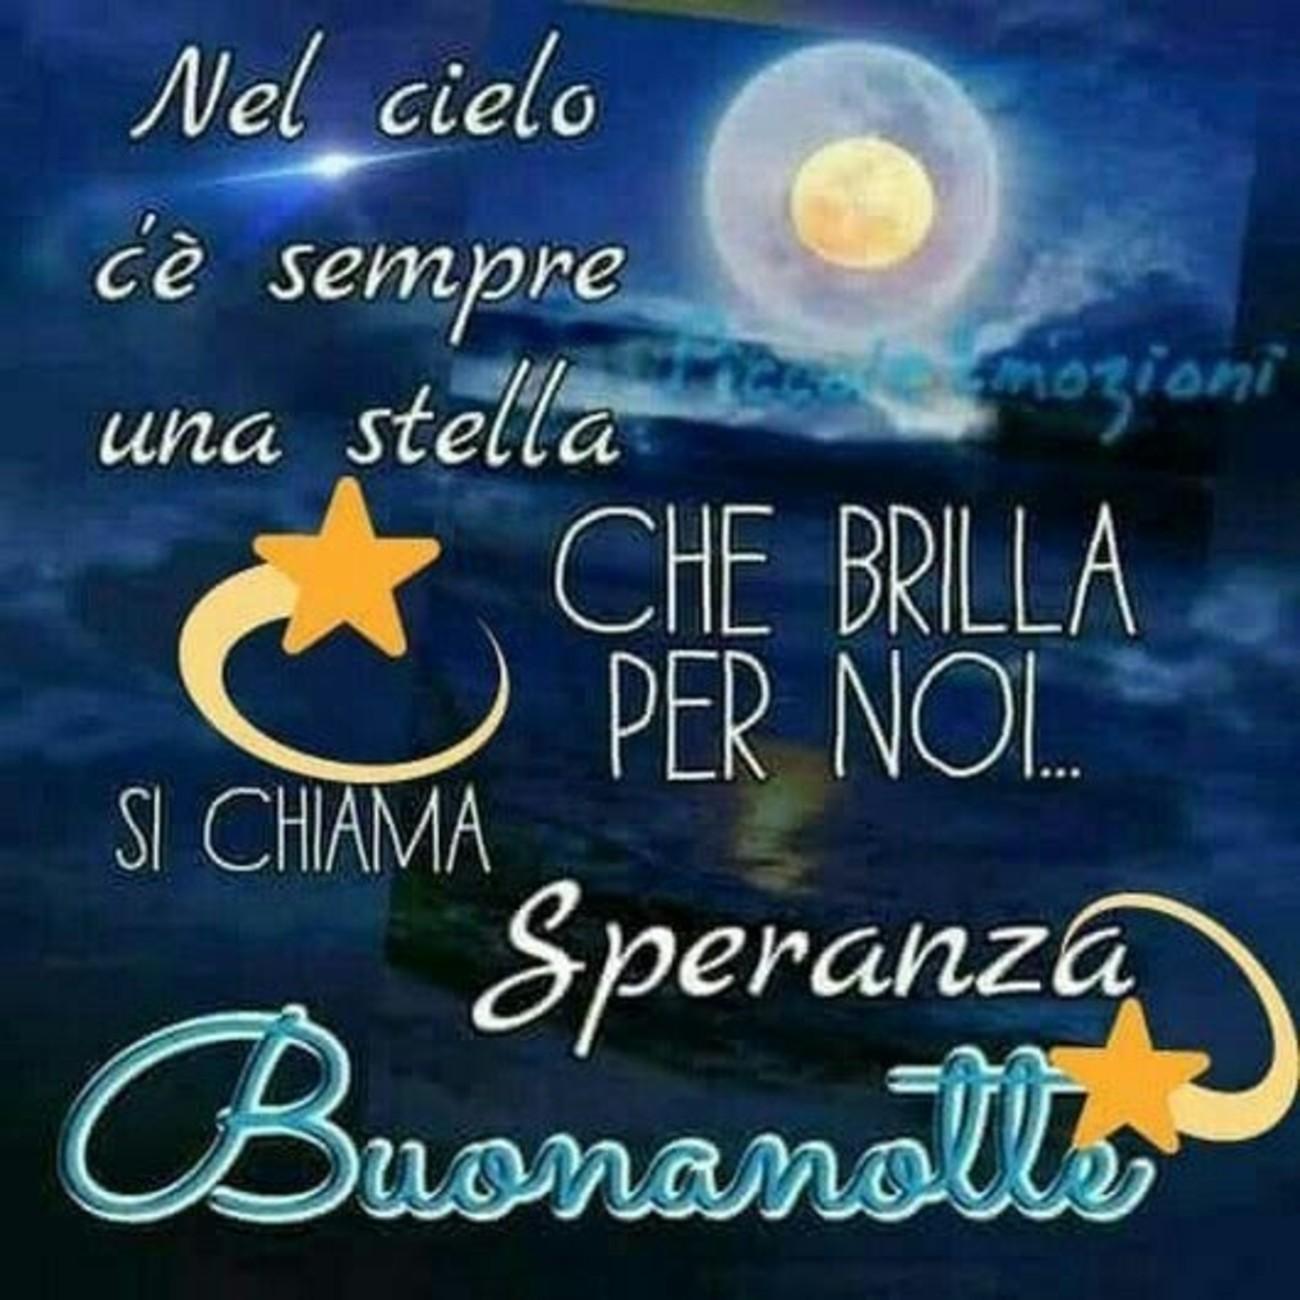 Immagini Nuove Con Belle Frasi Buonanotte 3 Buongiornoate It